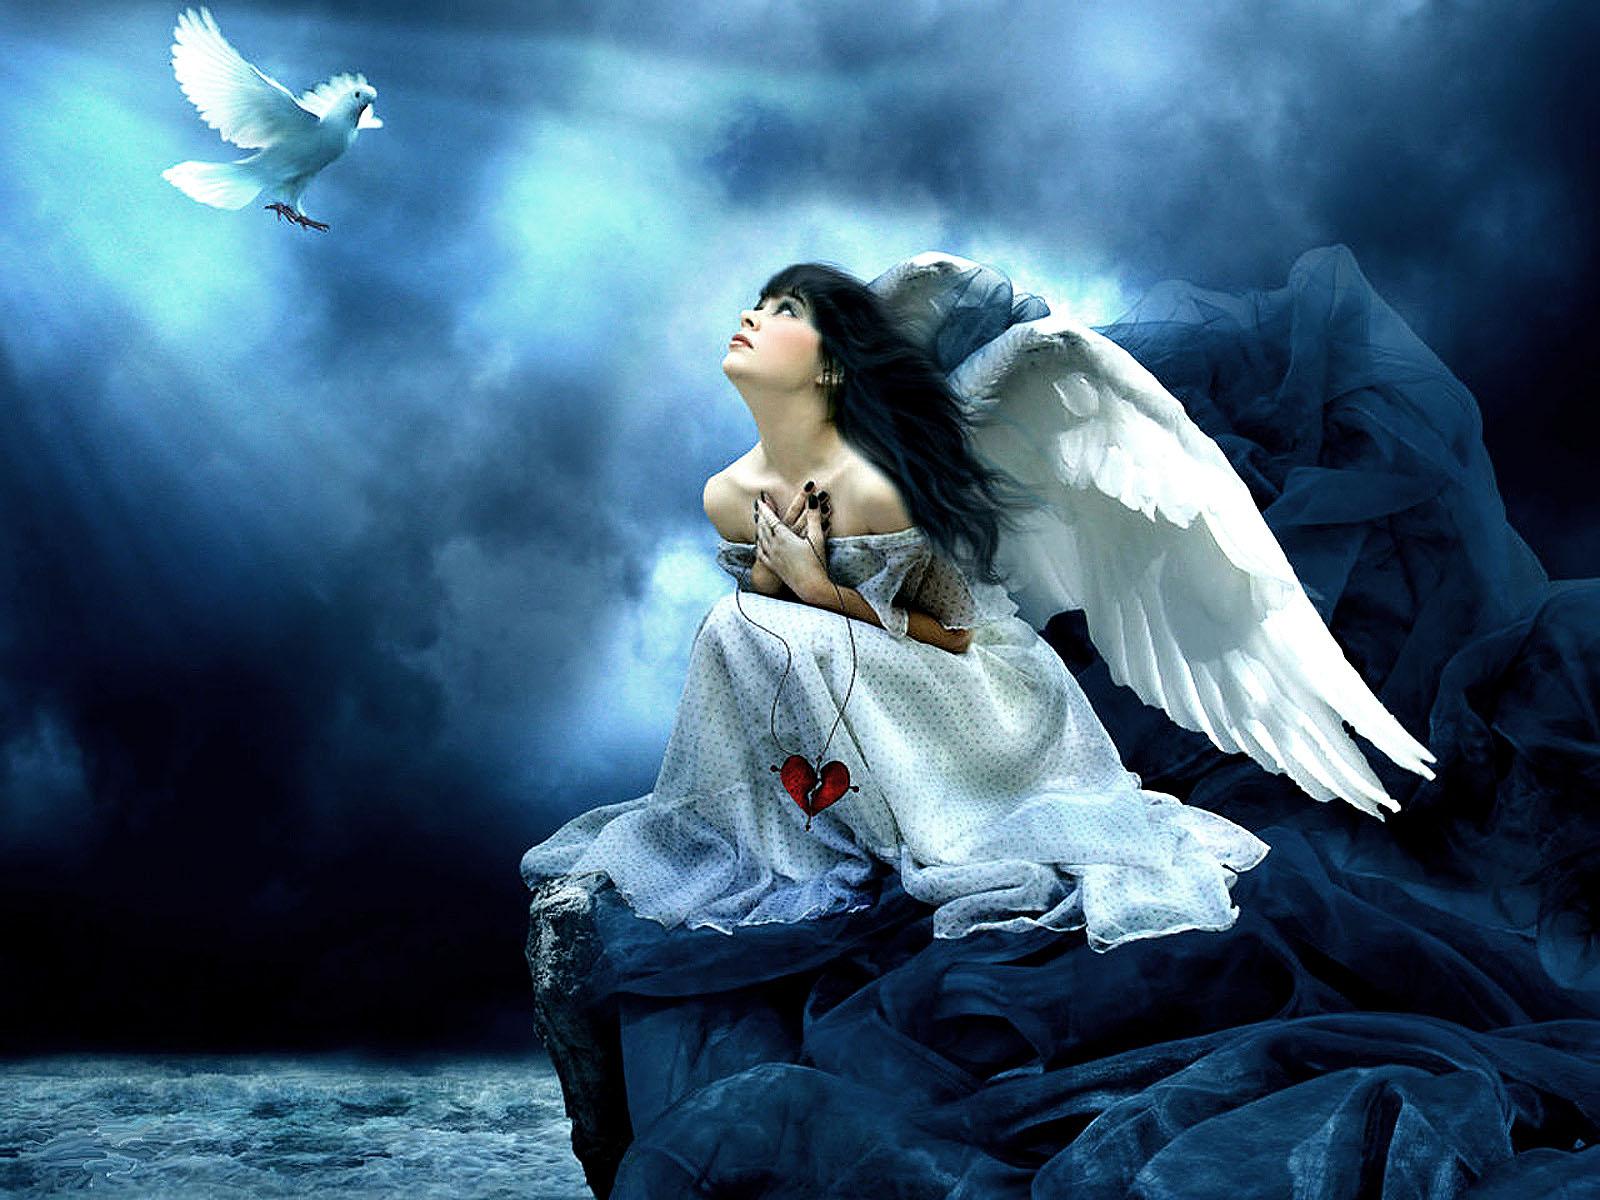 Best desktop pictures angel wallpapers hd angel wallpaper image 35jpg 1600x1200